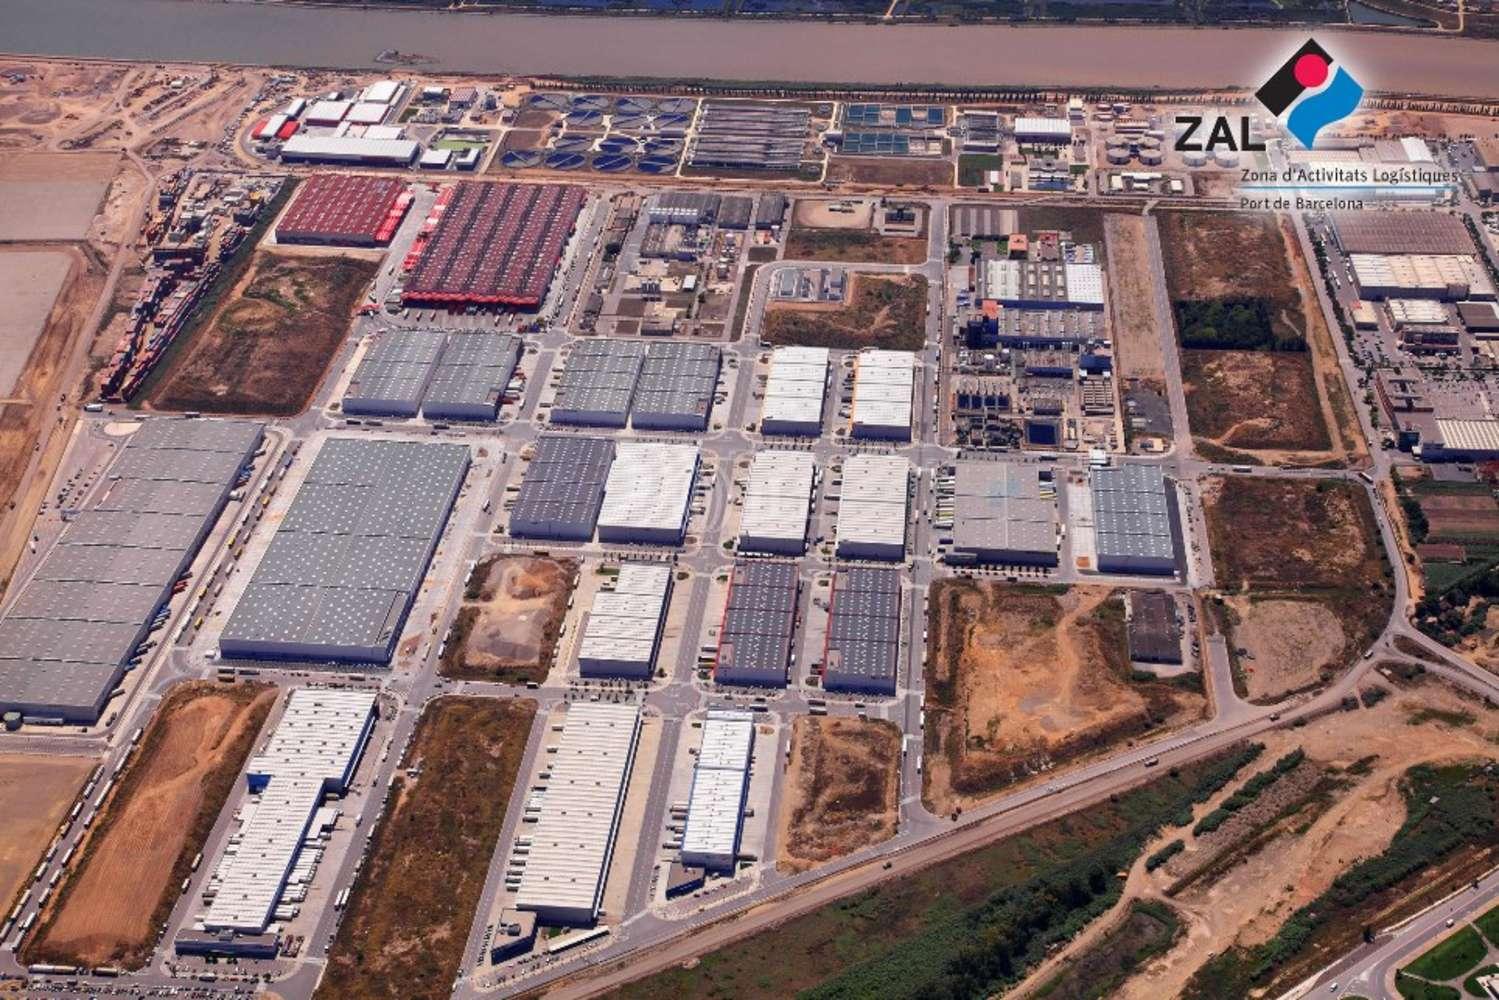 Naves industriales y logísticas El prat de llobregat, 08820 - Nave Logistica - B0143 - PI ZAL II - 3335